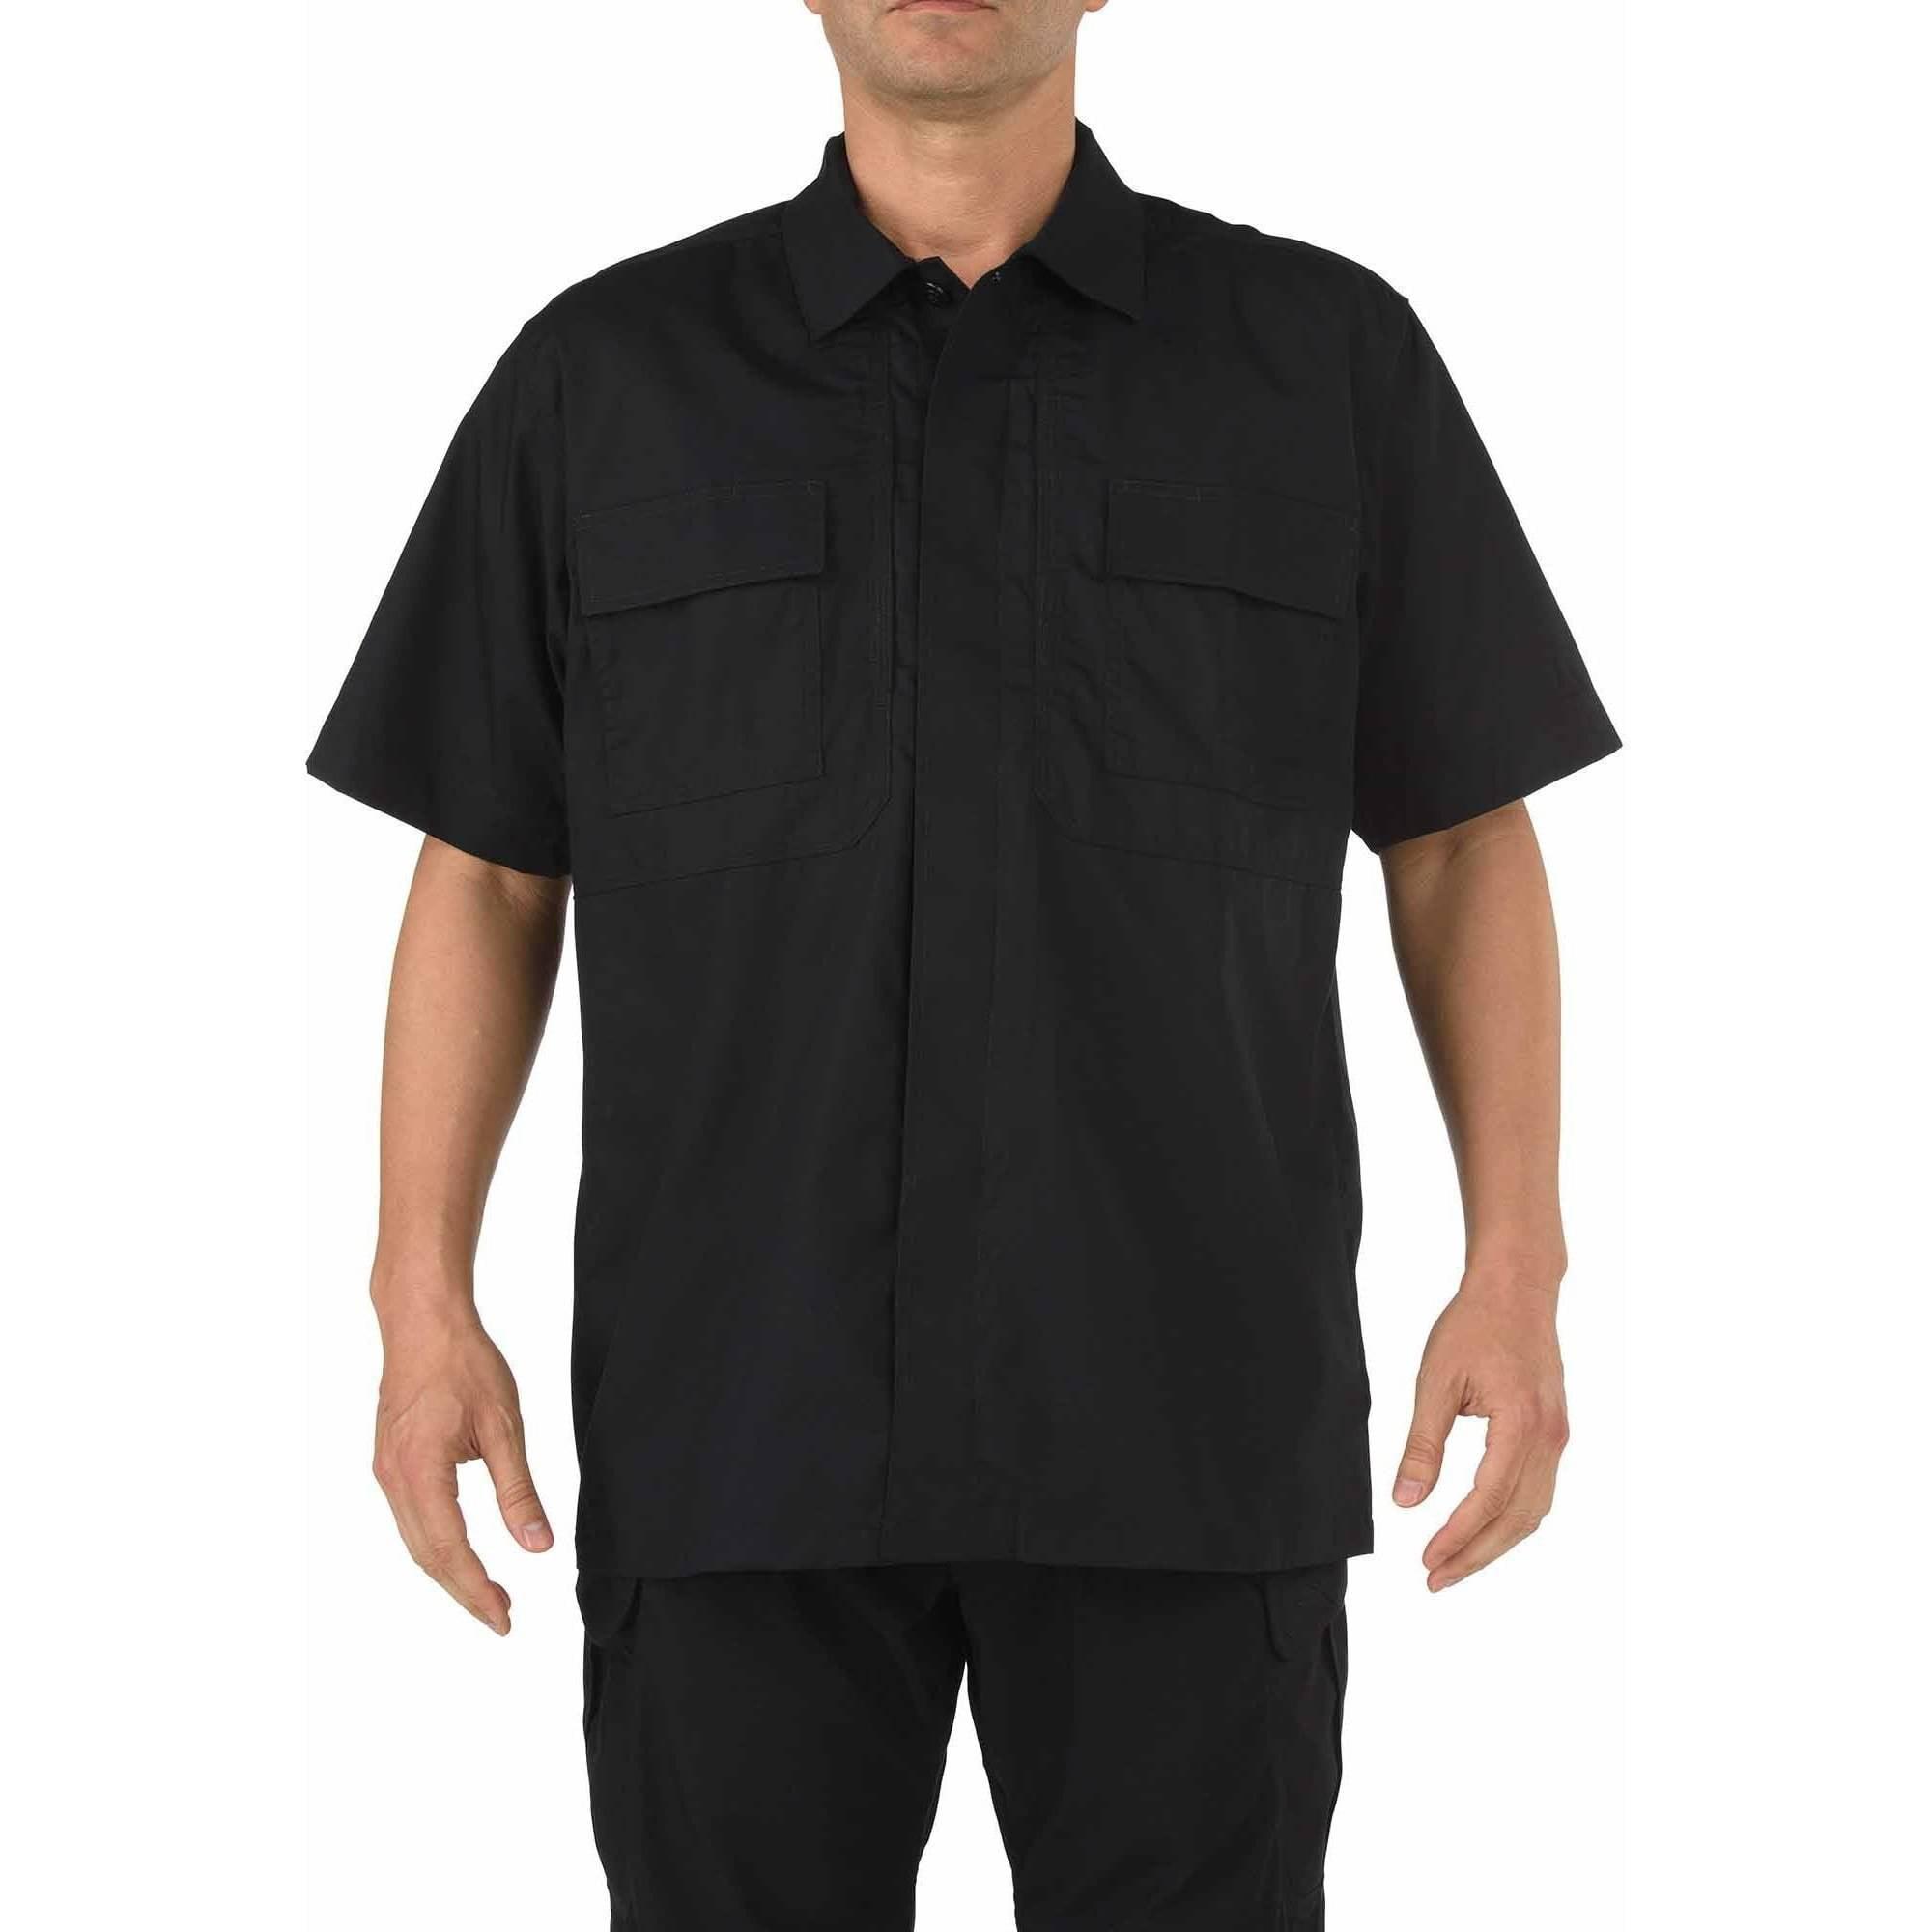 Taclite Short Sleeve TDU Shirt, Black